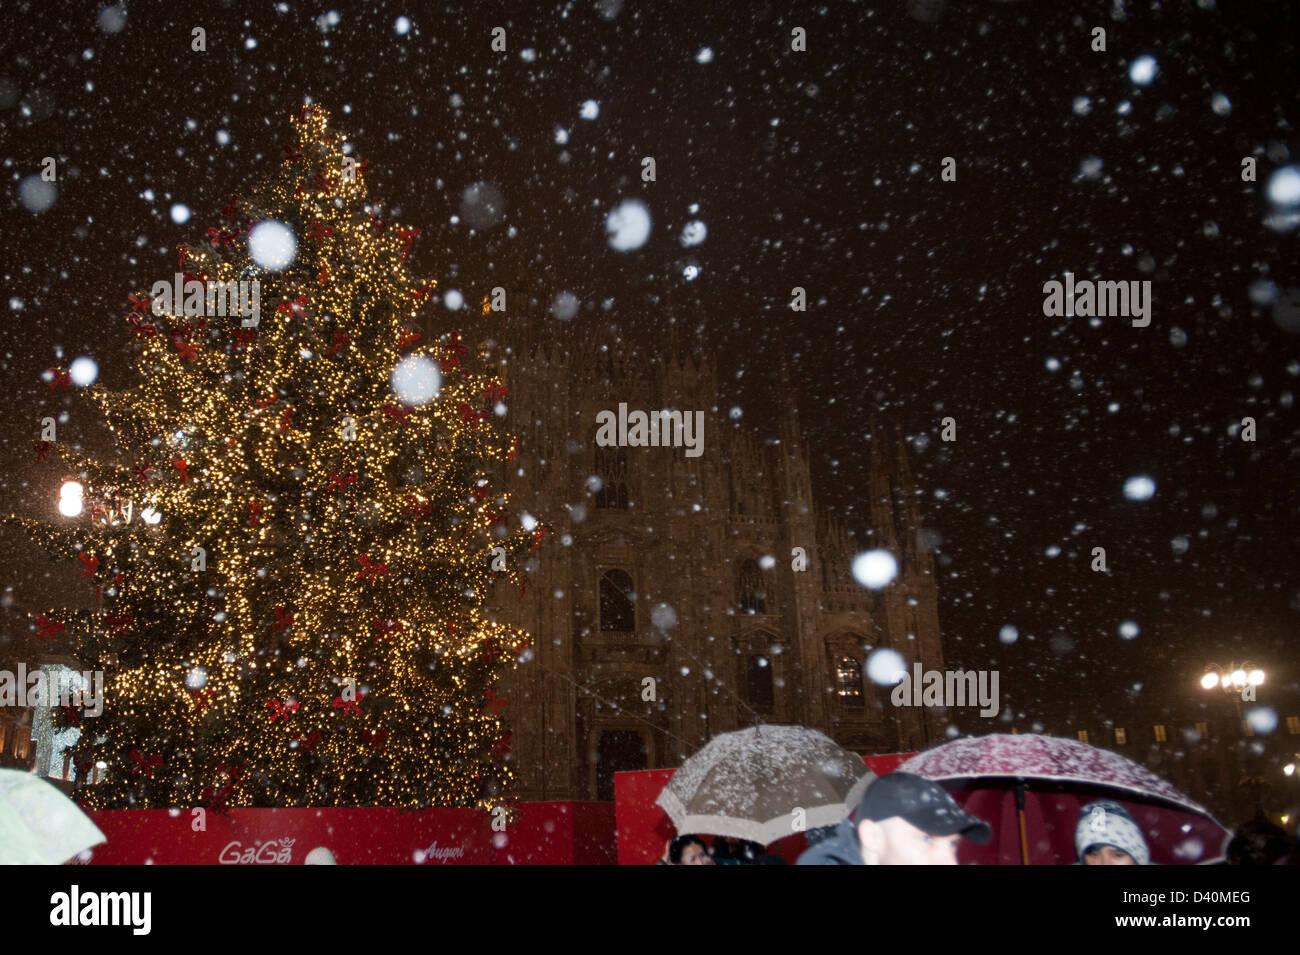 Etapa Noël árbol e iglesia catedral con nieve durante la Navidad en el Town Square en Milano, Italia Foto de stock